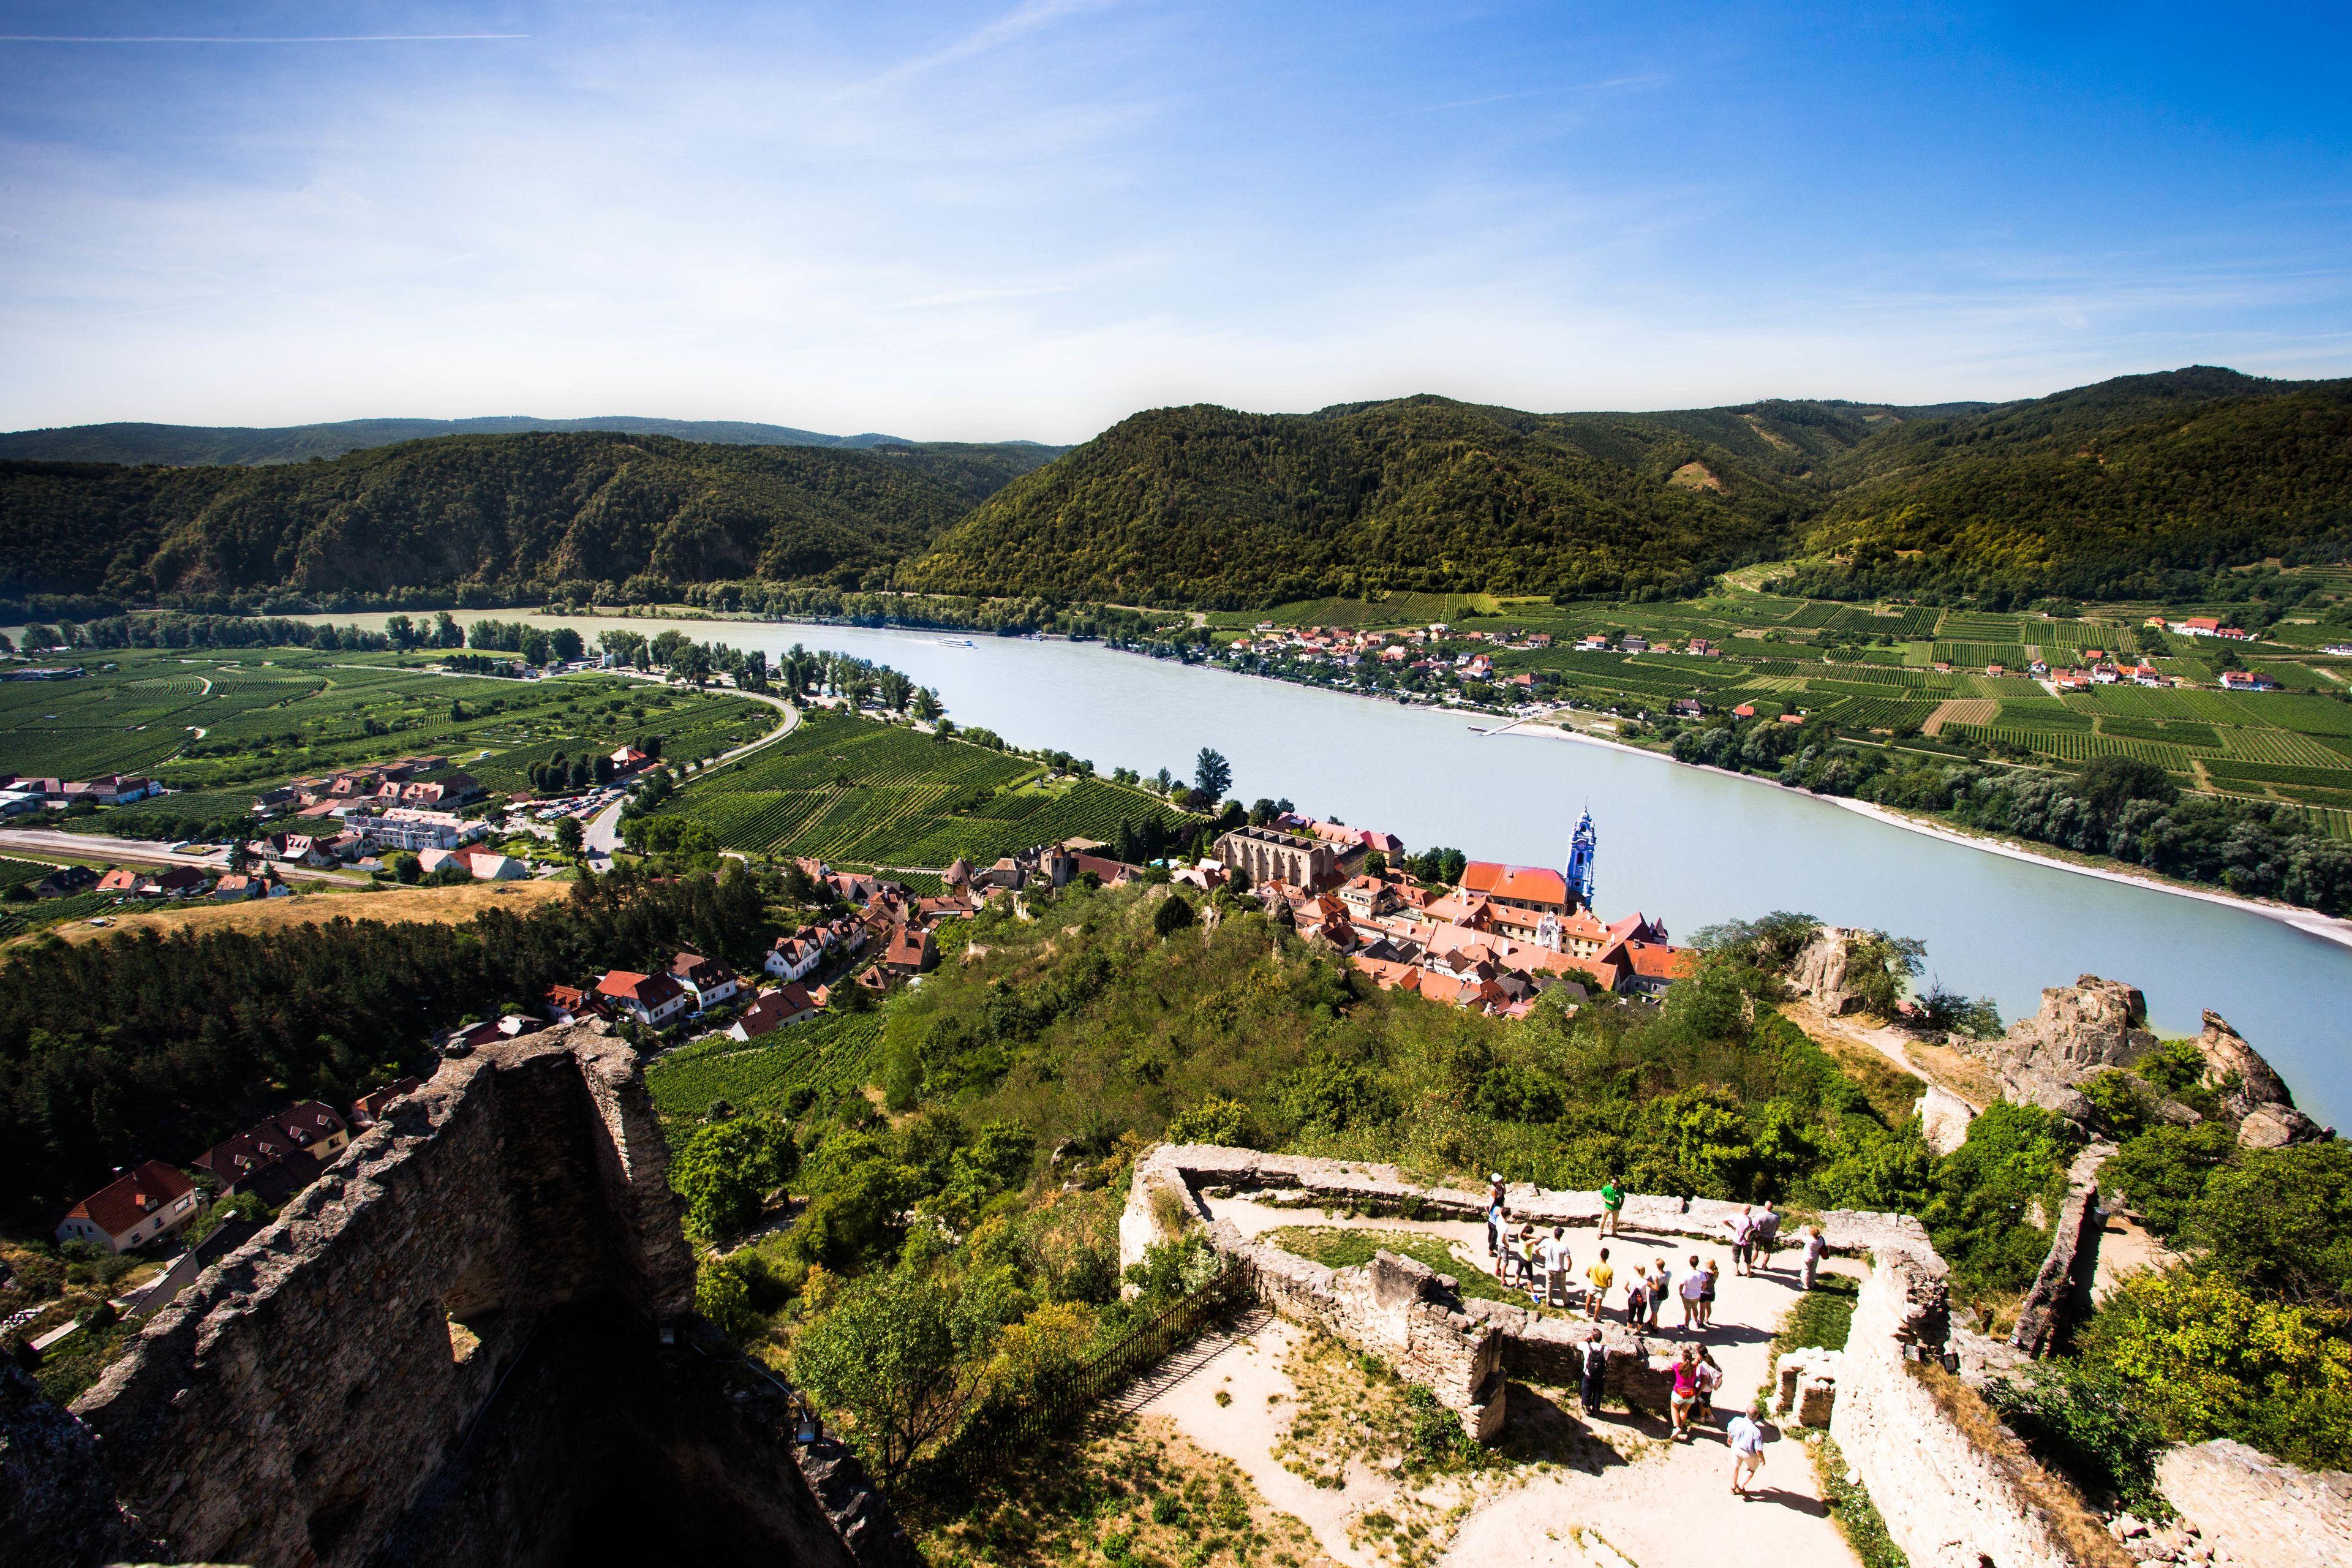 Verborgene Wachau: Tour mit Weinverkostung in kleiner Gruppe